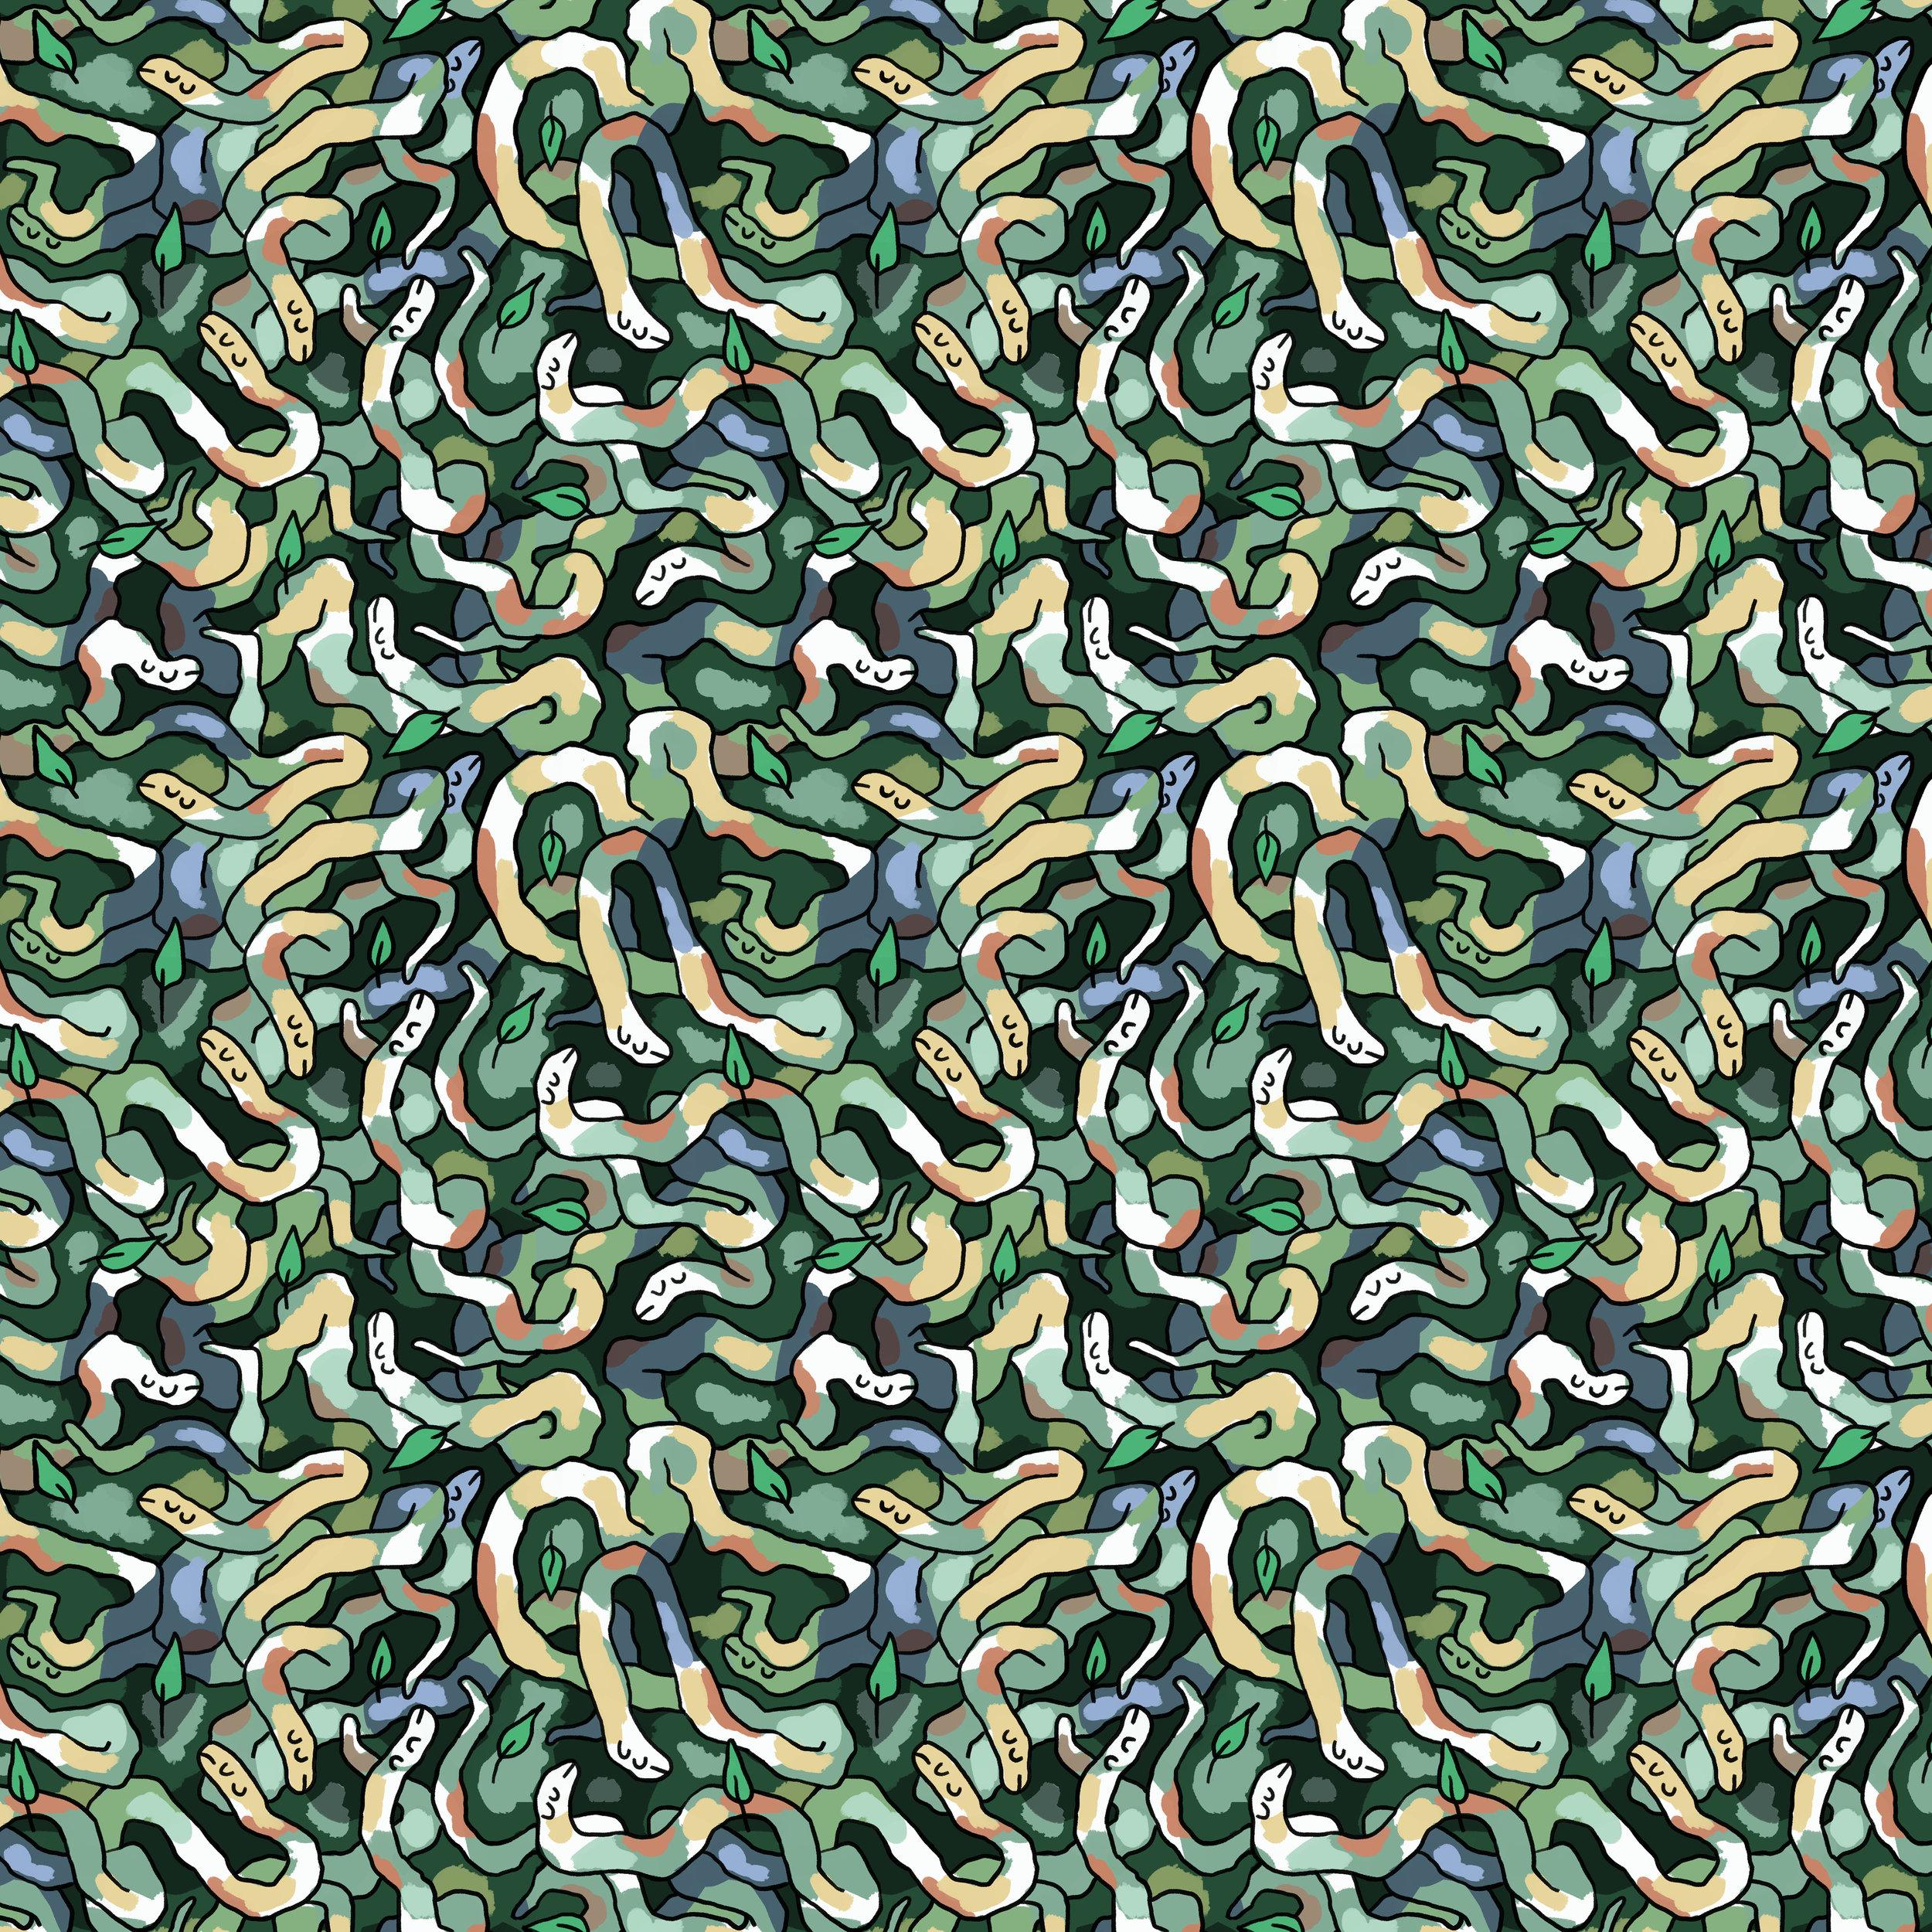 snakepattern.jpg